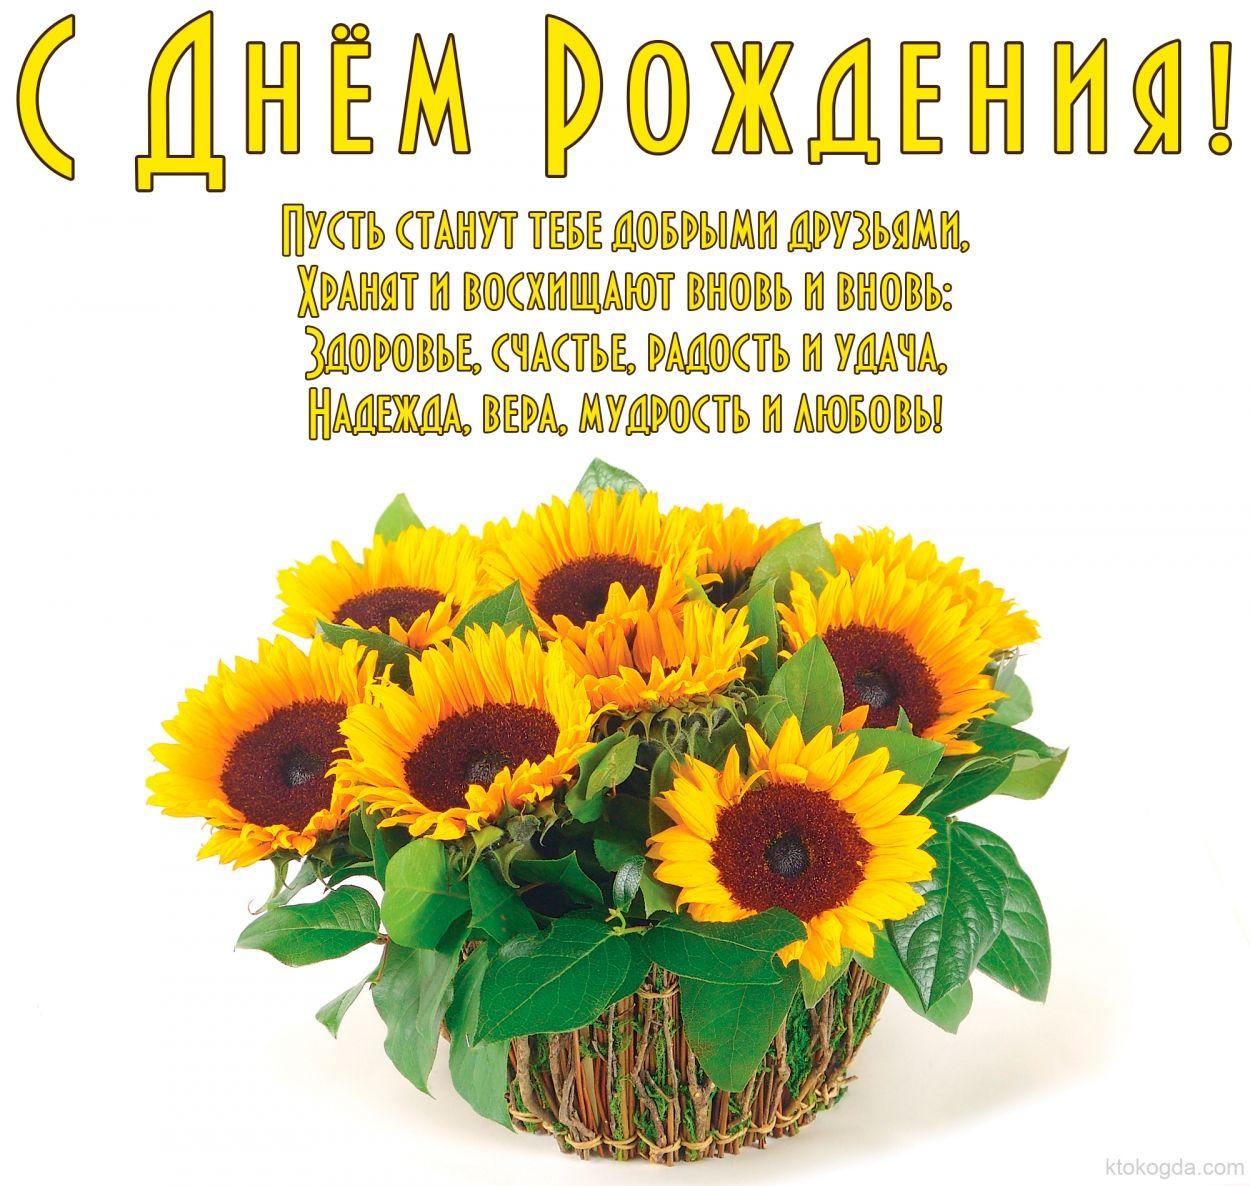 Поздравление с днем рождения счастья здоровья удачи